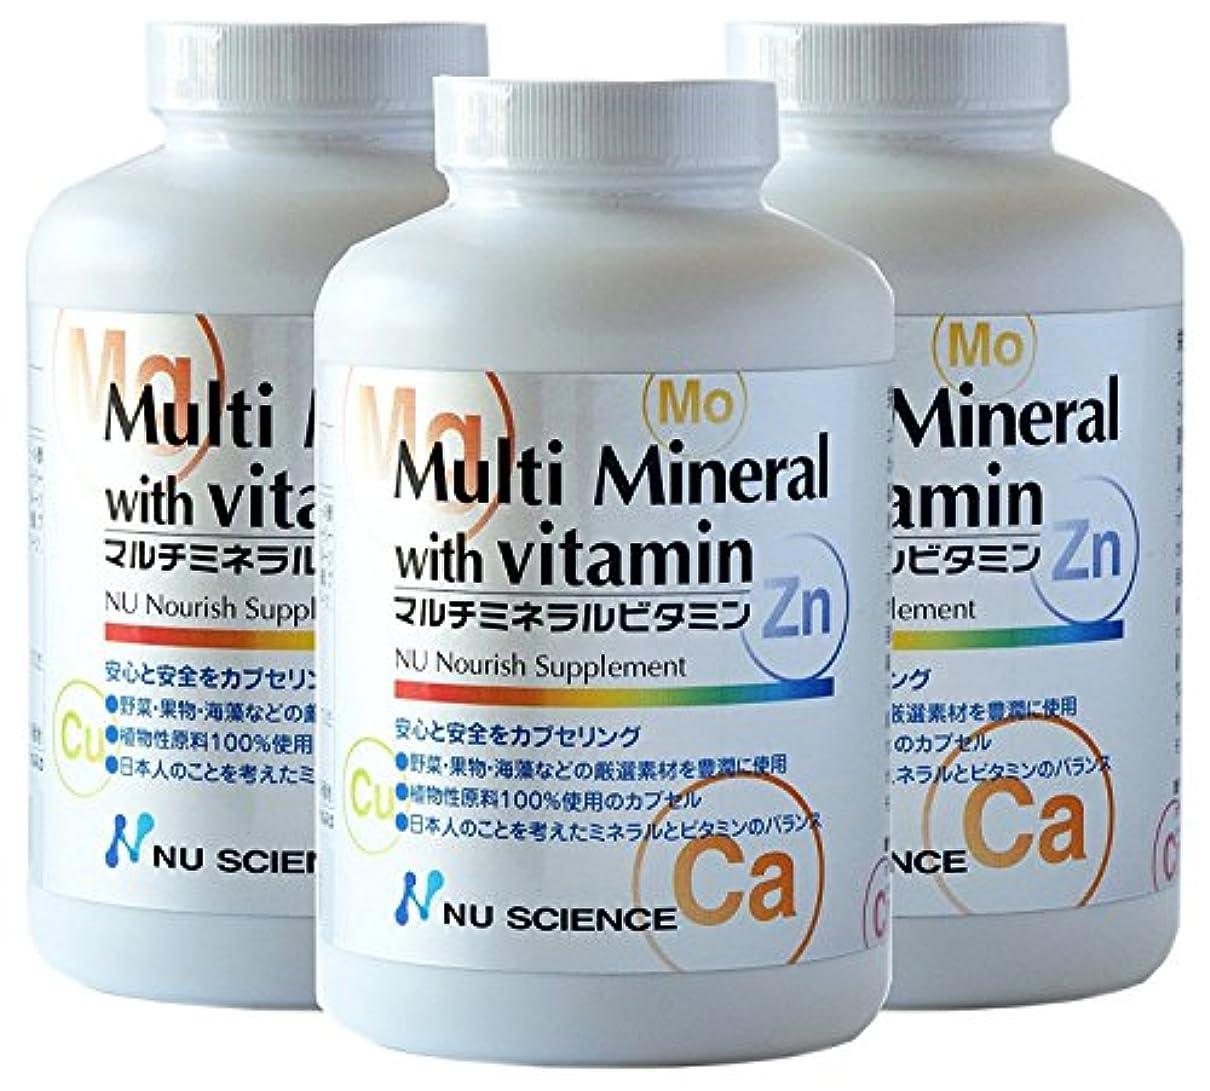 マーチャンダイジング安定しました銅マルチミネラルビタミン 3個セット 杏林予防医学研究所検定品